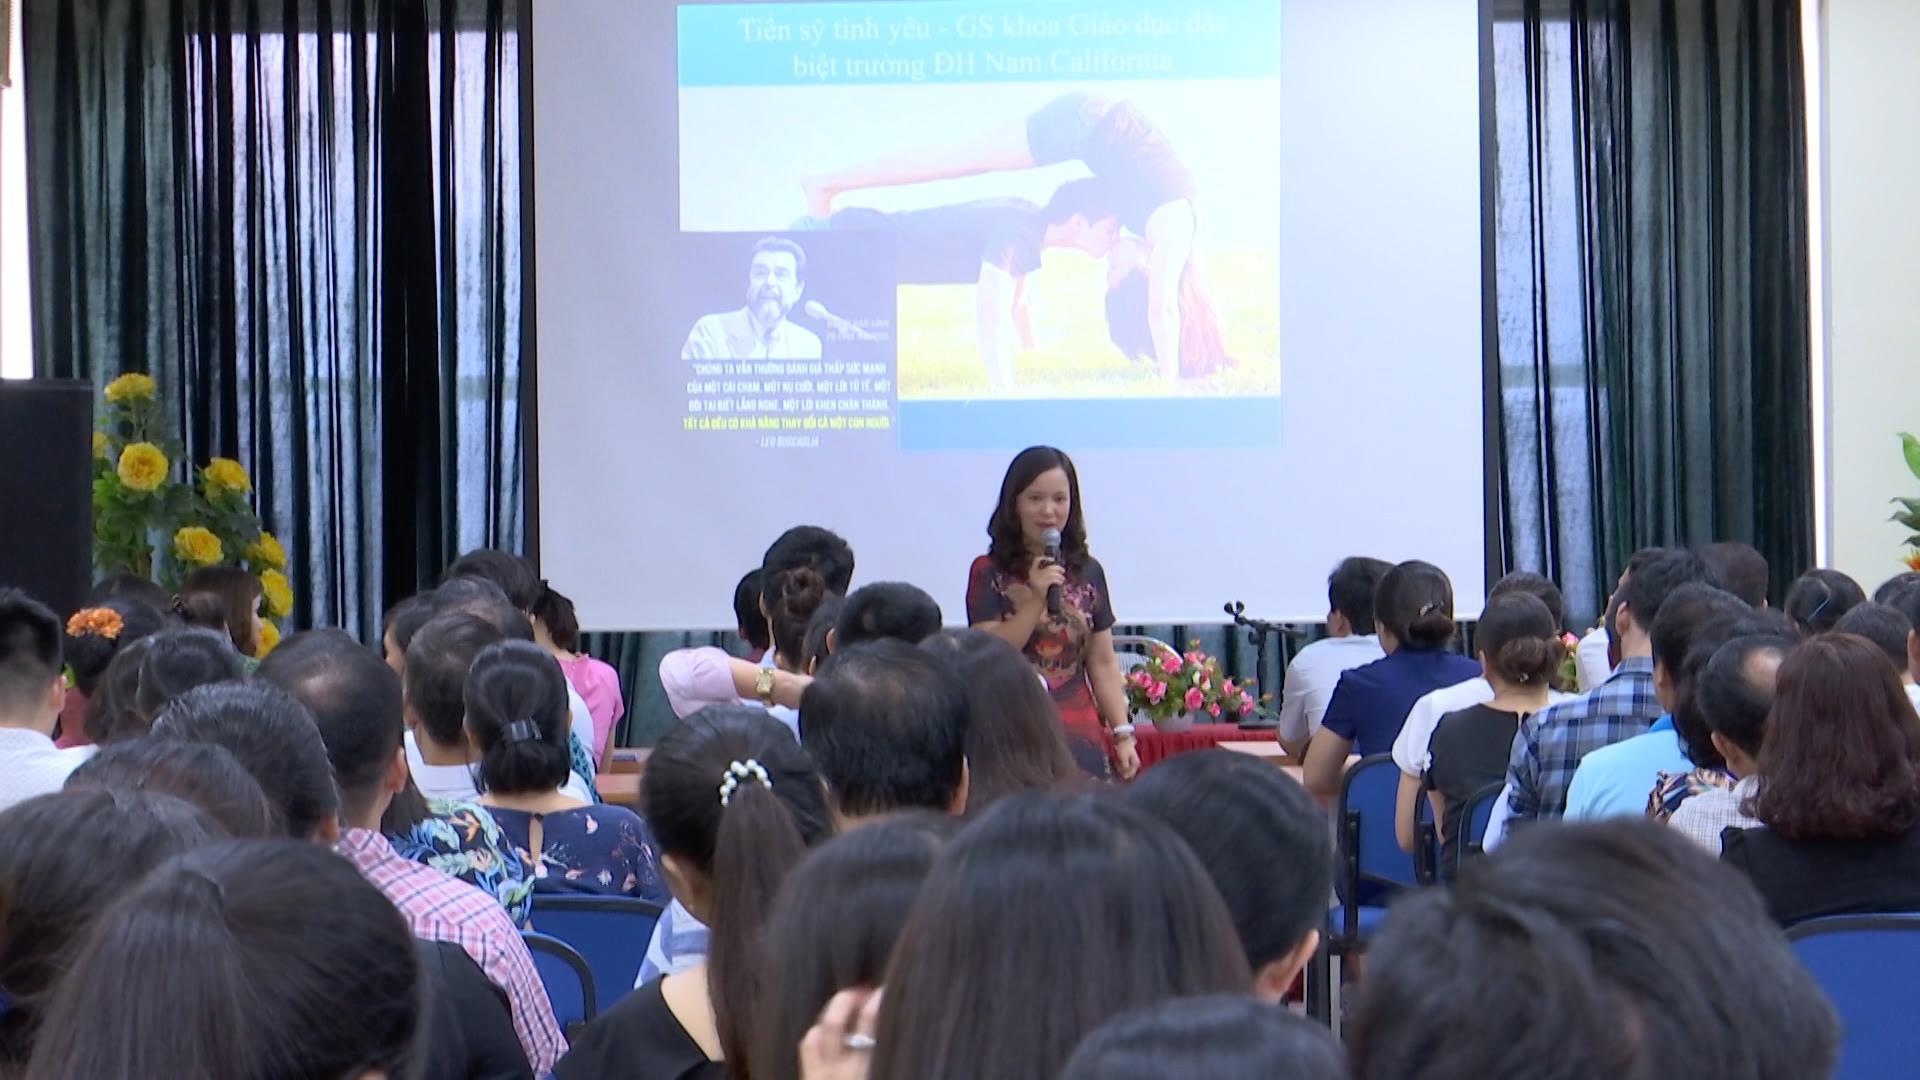 Nói chuyện chuyên đề: Kỹ năng nuôi dạy con thời hiện đại  và phòng chống bạo lực gia đình